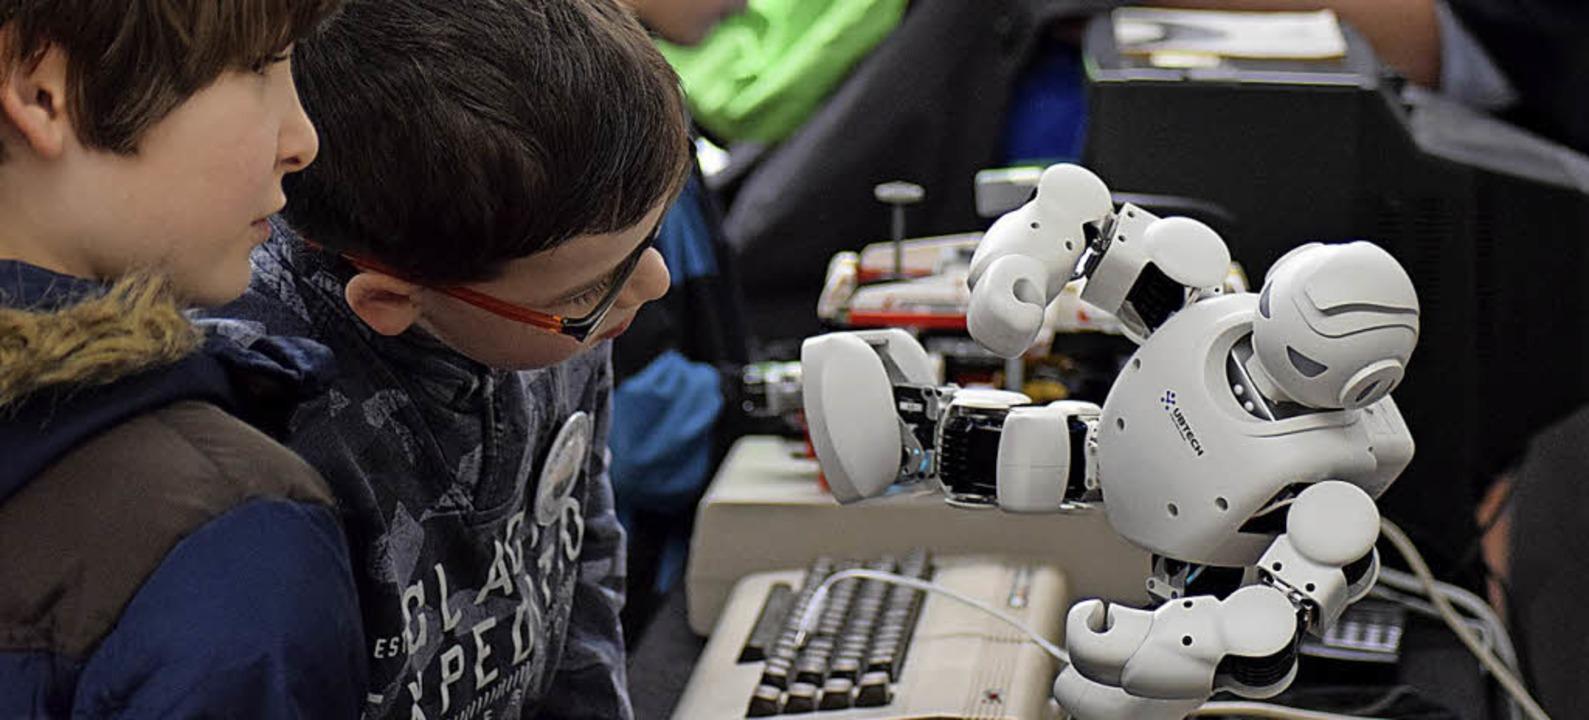 Im Temopolis findet ein Robotik-Workshop statt.   | Foto: Archivfoto: jtr